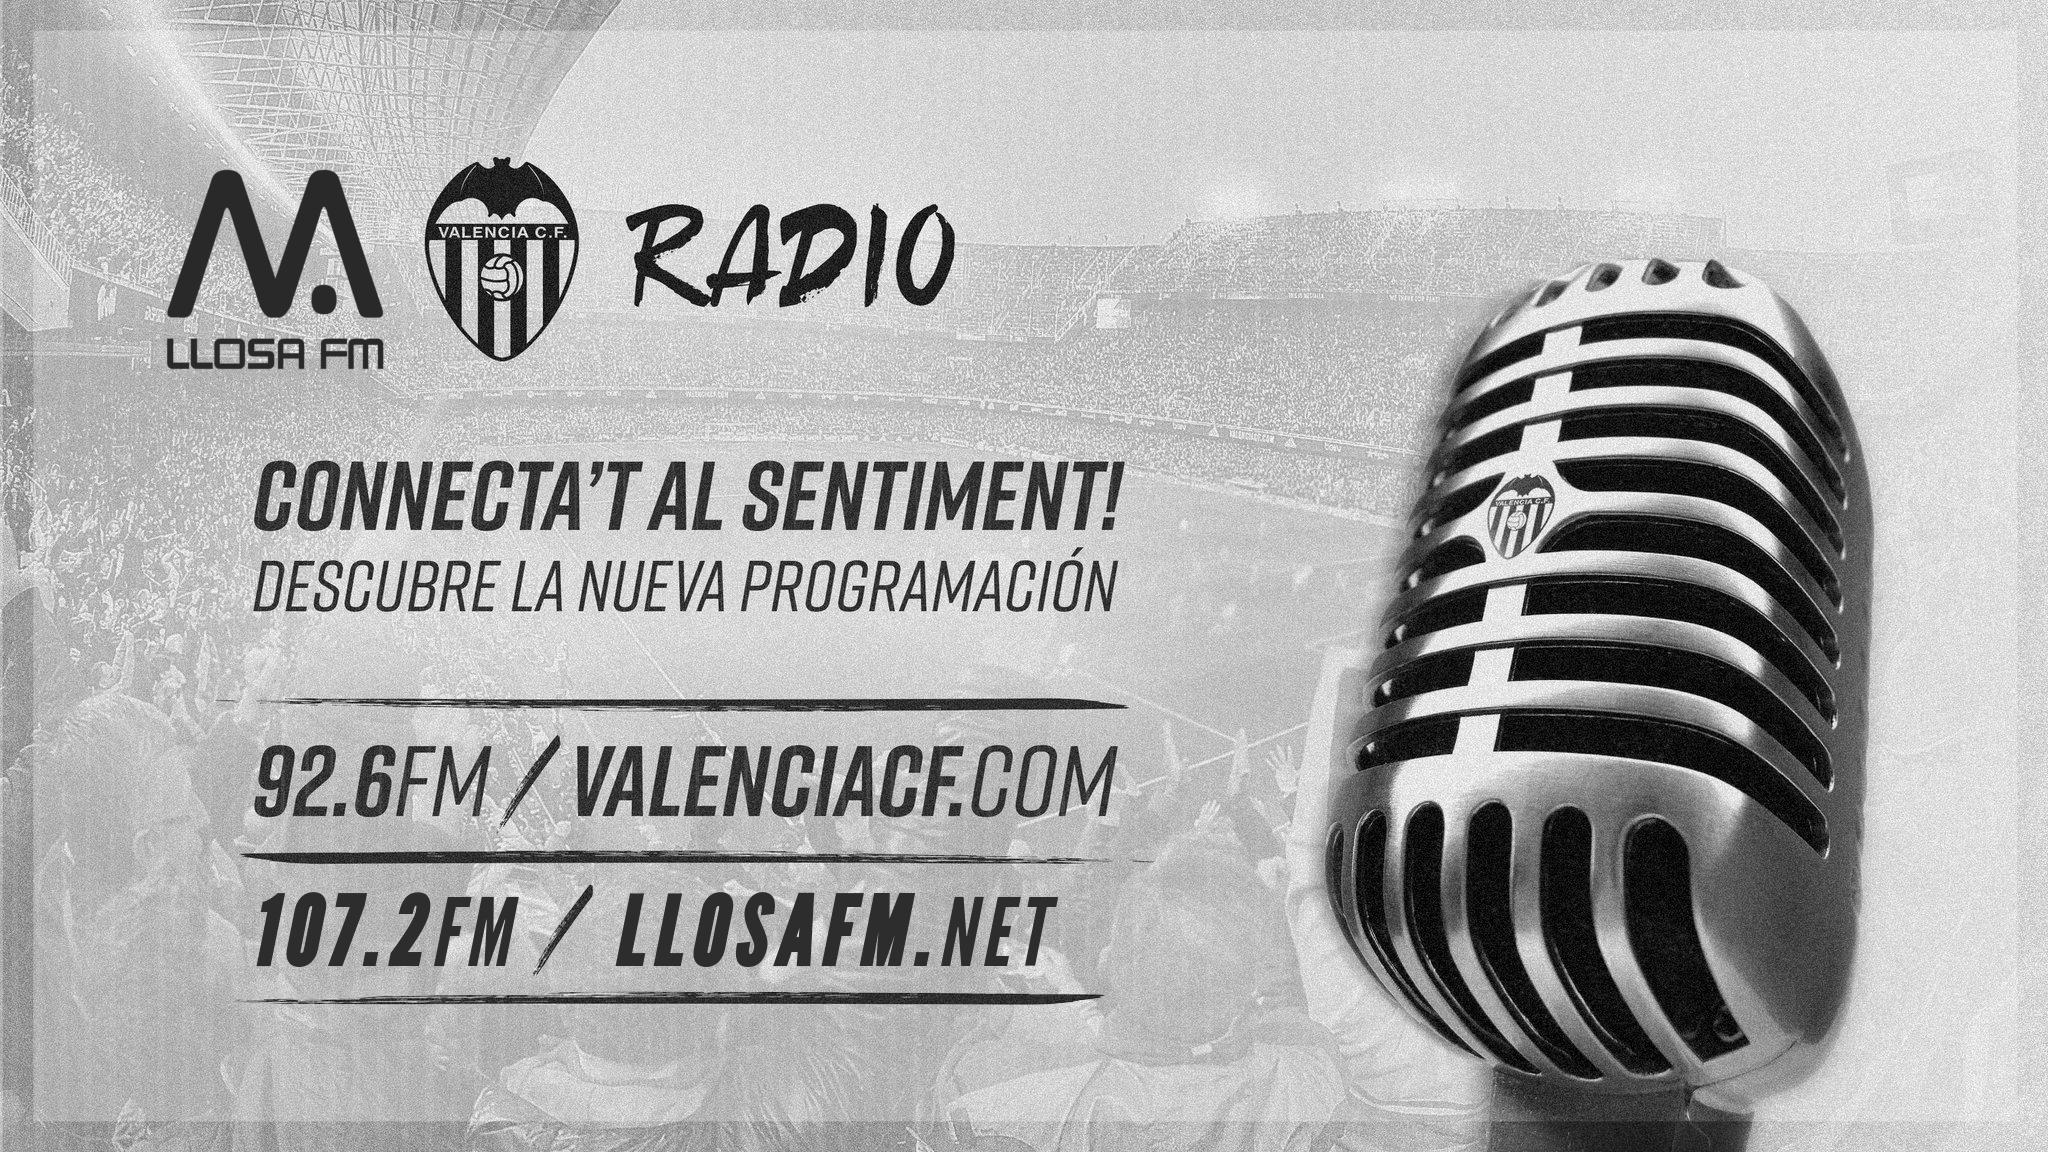 A partir de hui Llosa FM connectarà diàriament amb VCF Ràdio, la ràdio oficial del València CF